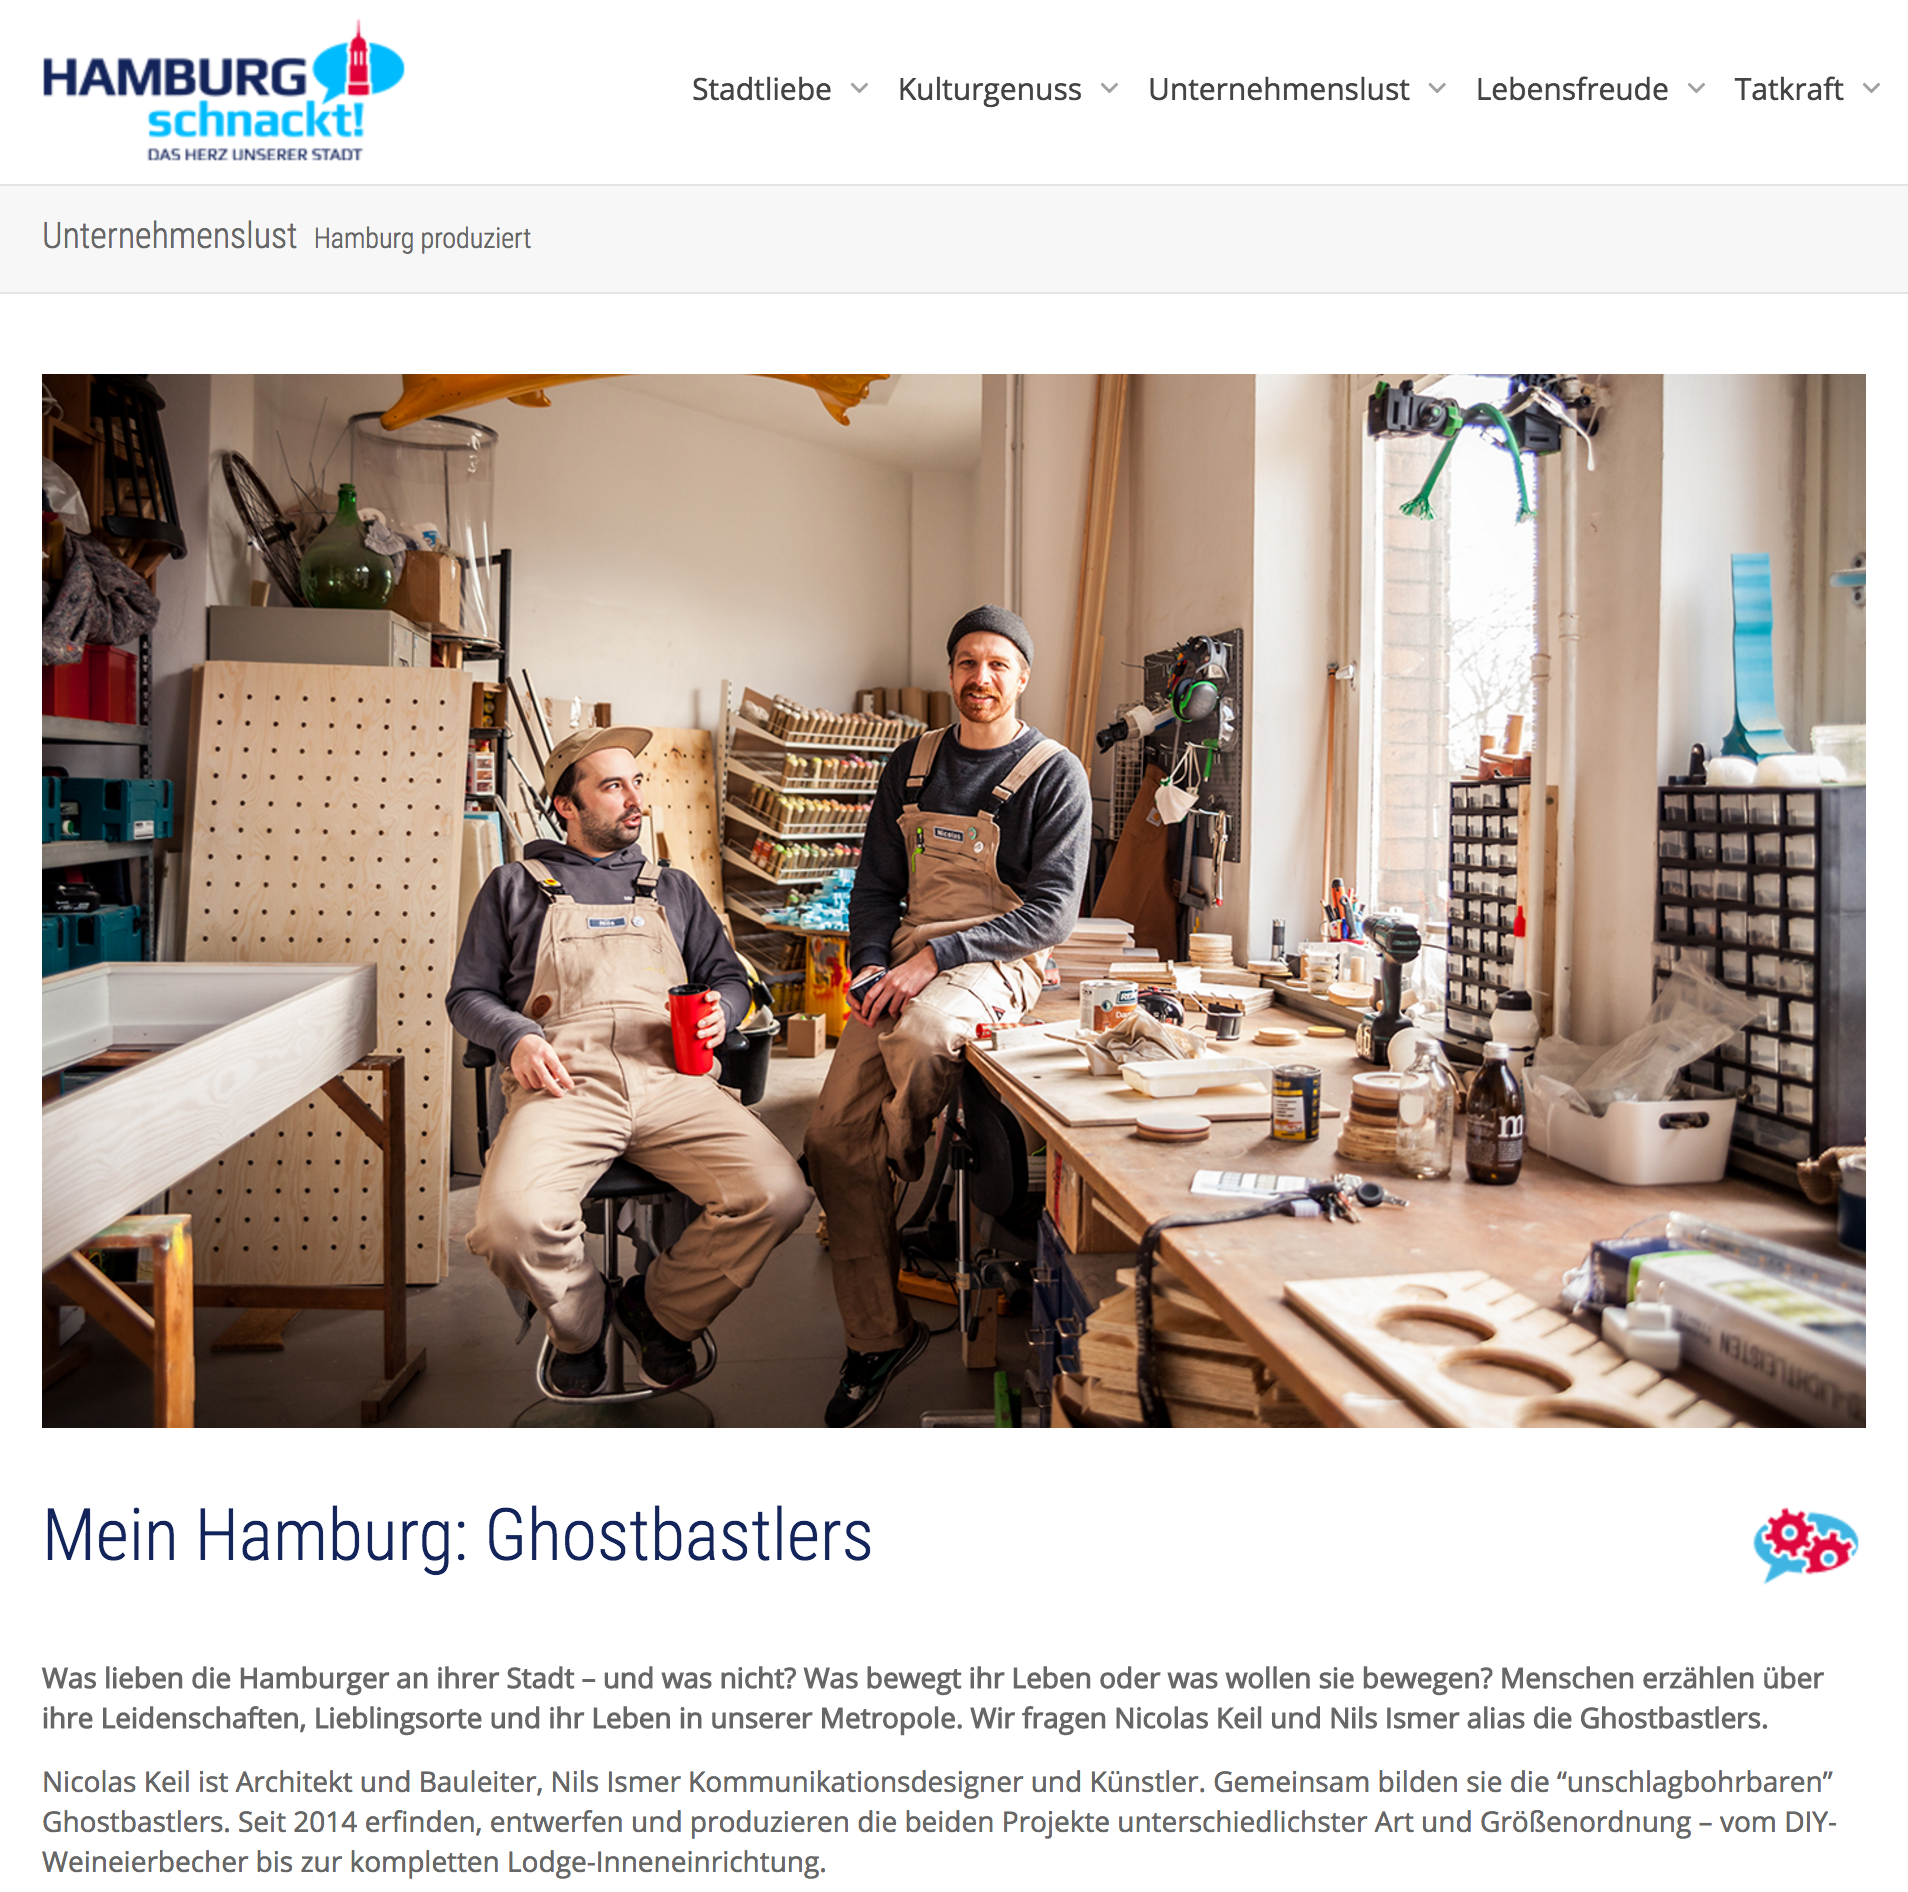 Hamburg schnackt – Mein Hamburg: Ghostbastlers